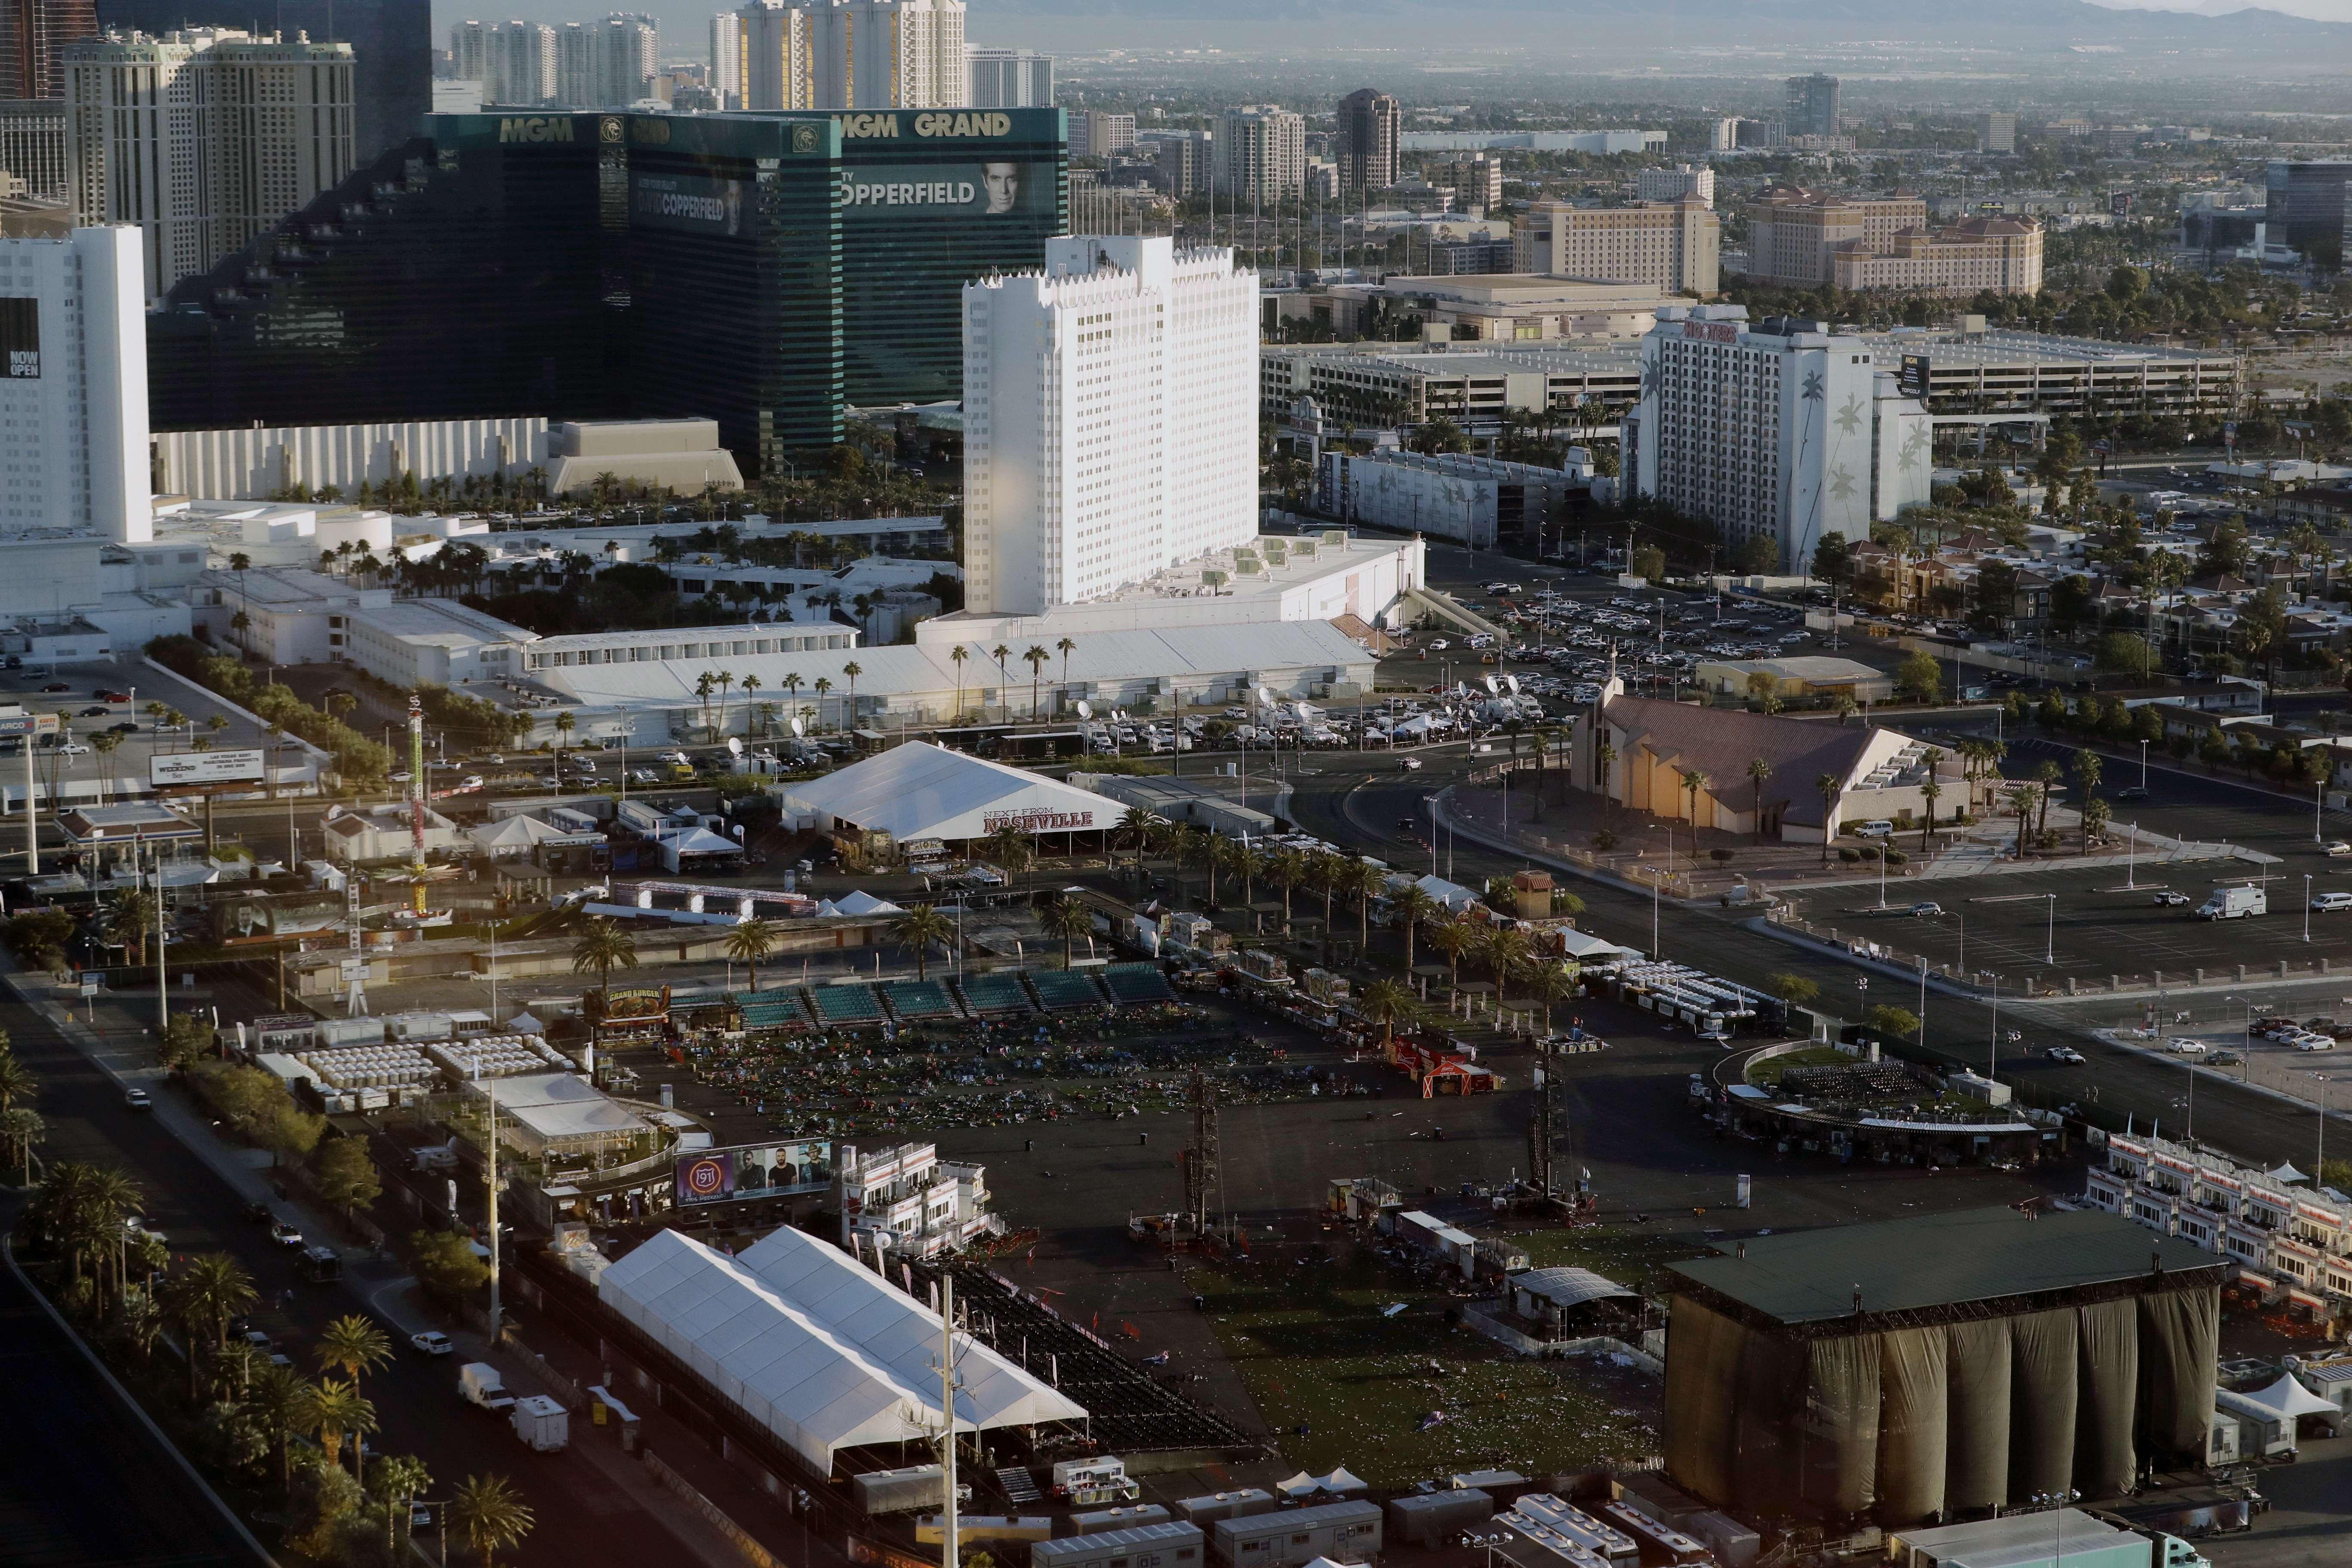 Vista general de la calle donde se ubica el resort y casino Mandalay Bay en Las Vegas mató a 58 personas e hirió a centenares más el 1 de octubre.